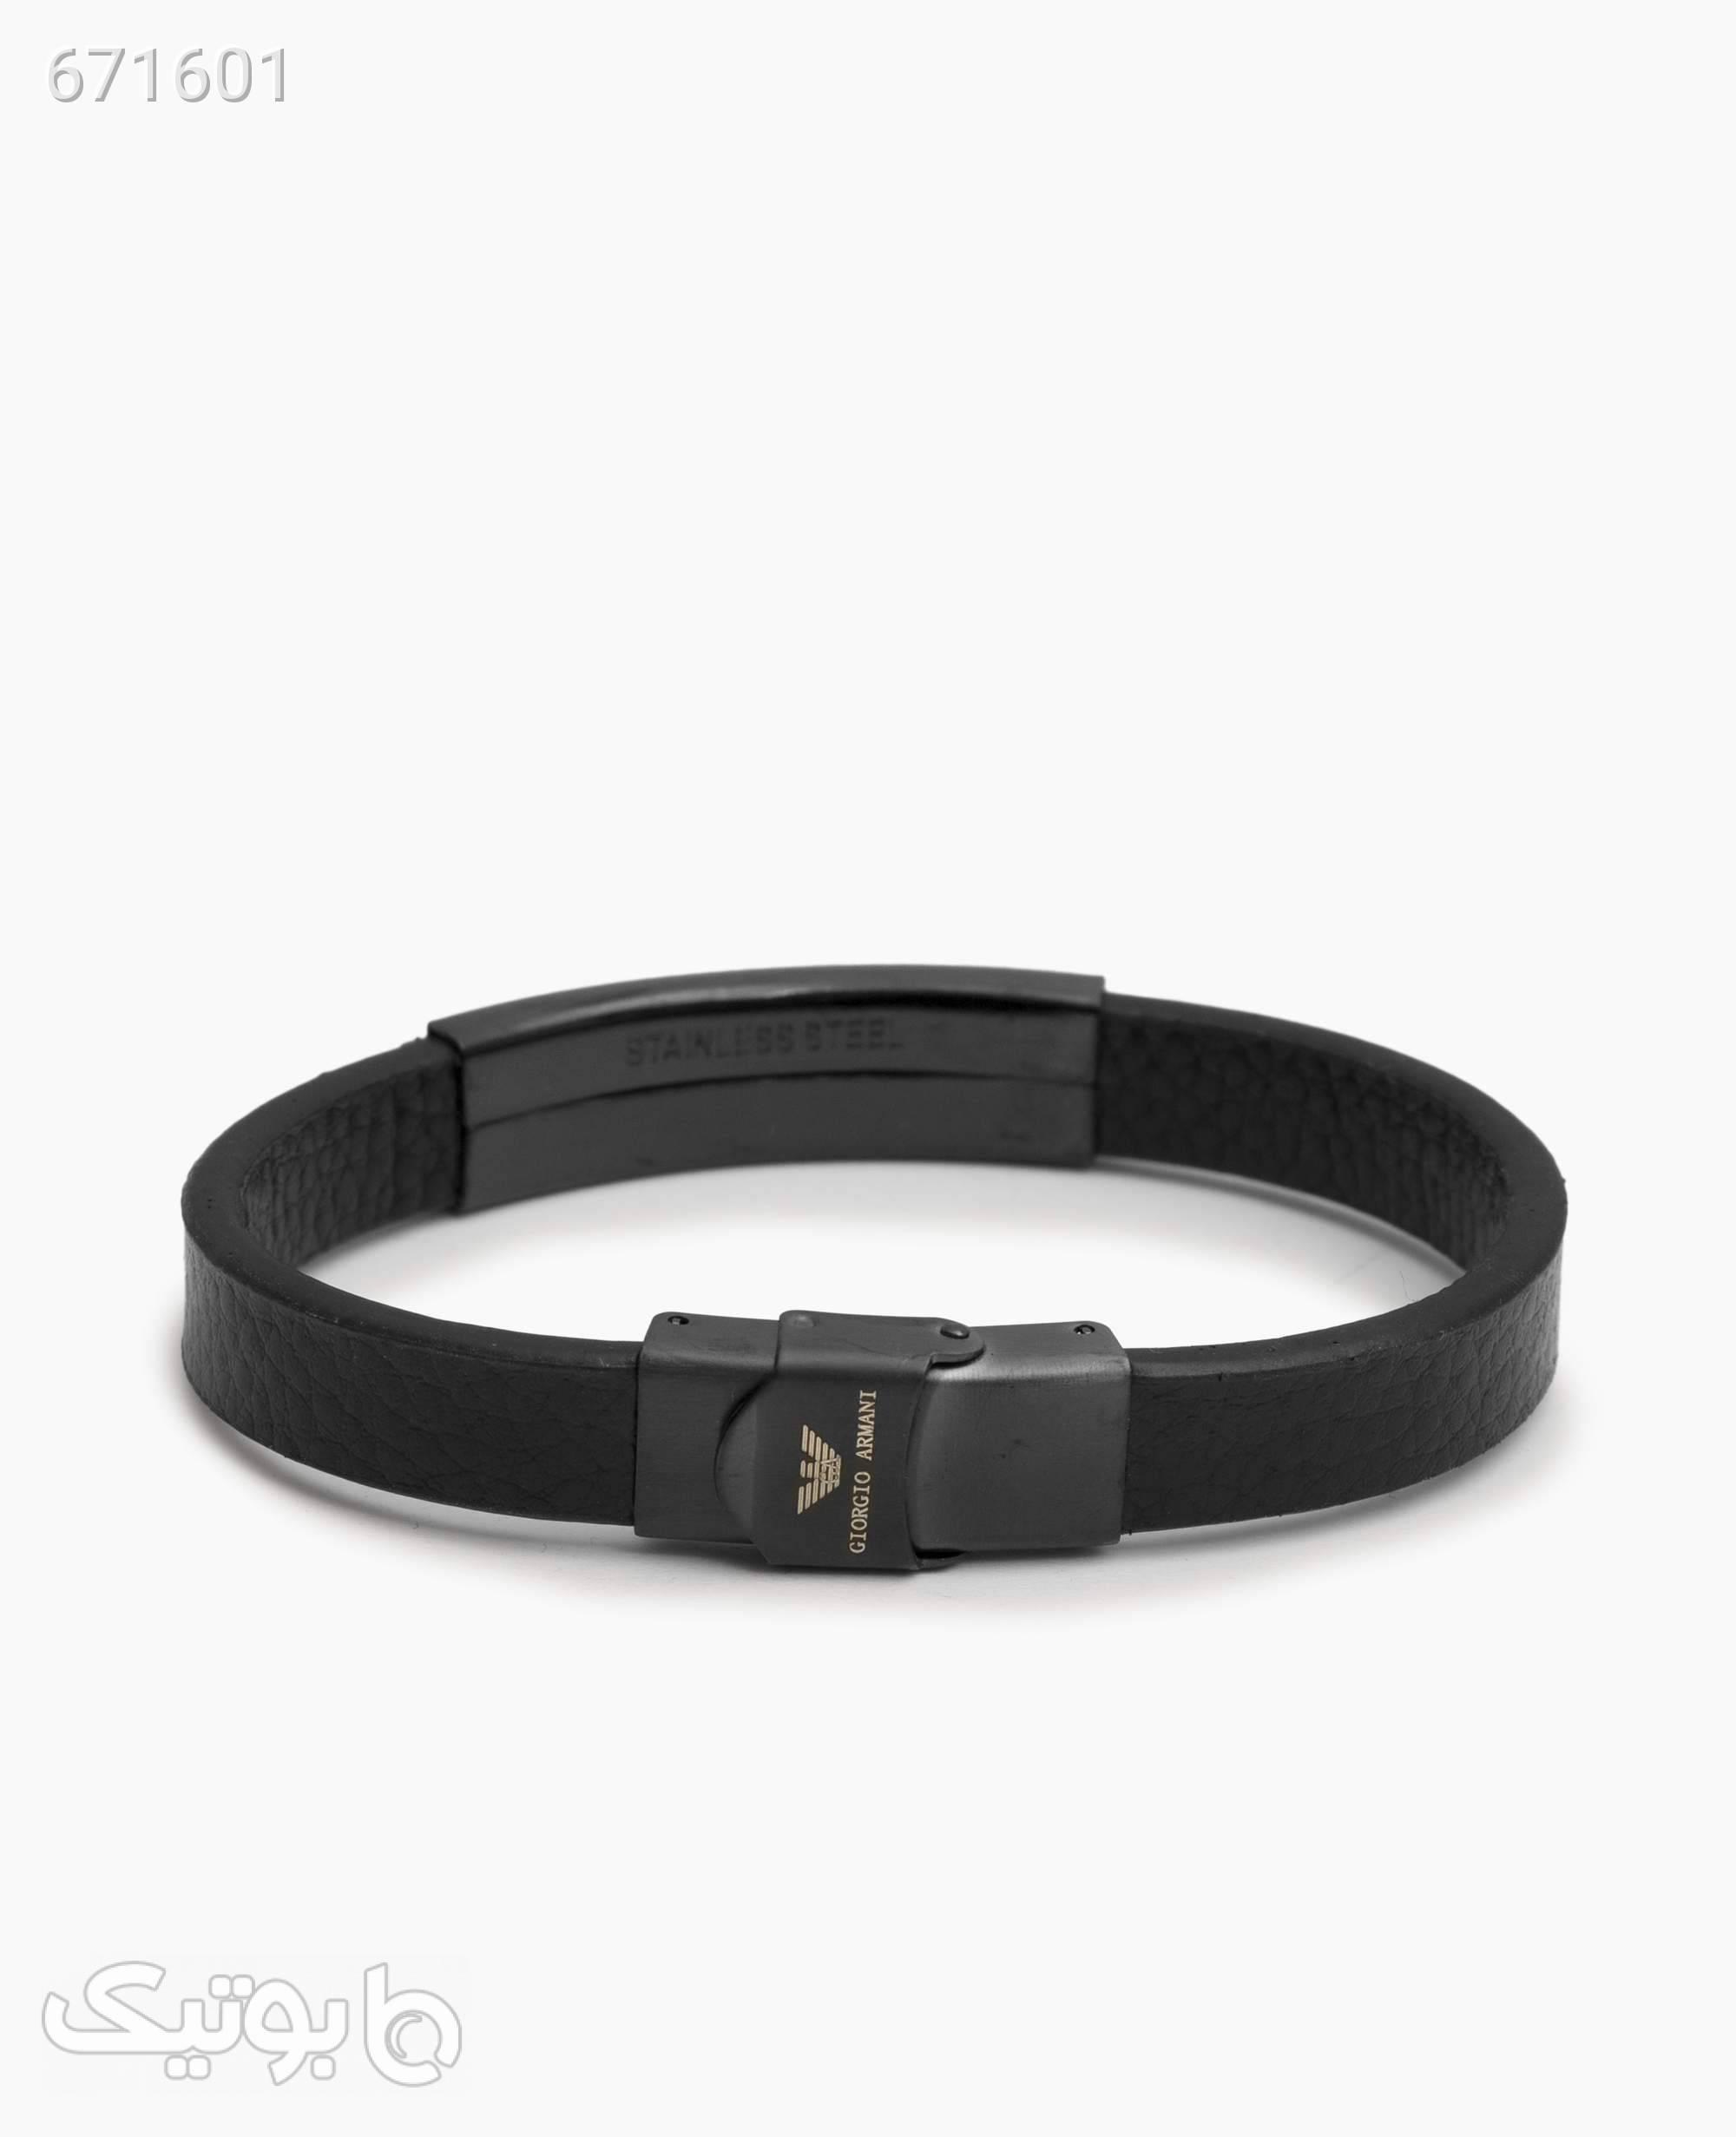 دستبند چرم مردانه Armani مدل 6870Black مشکی دستبند و پابند